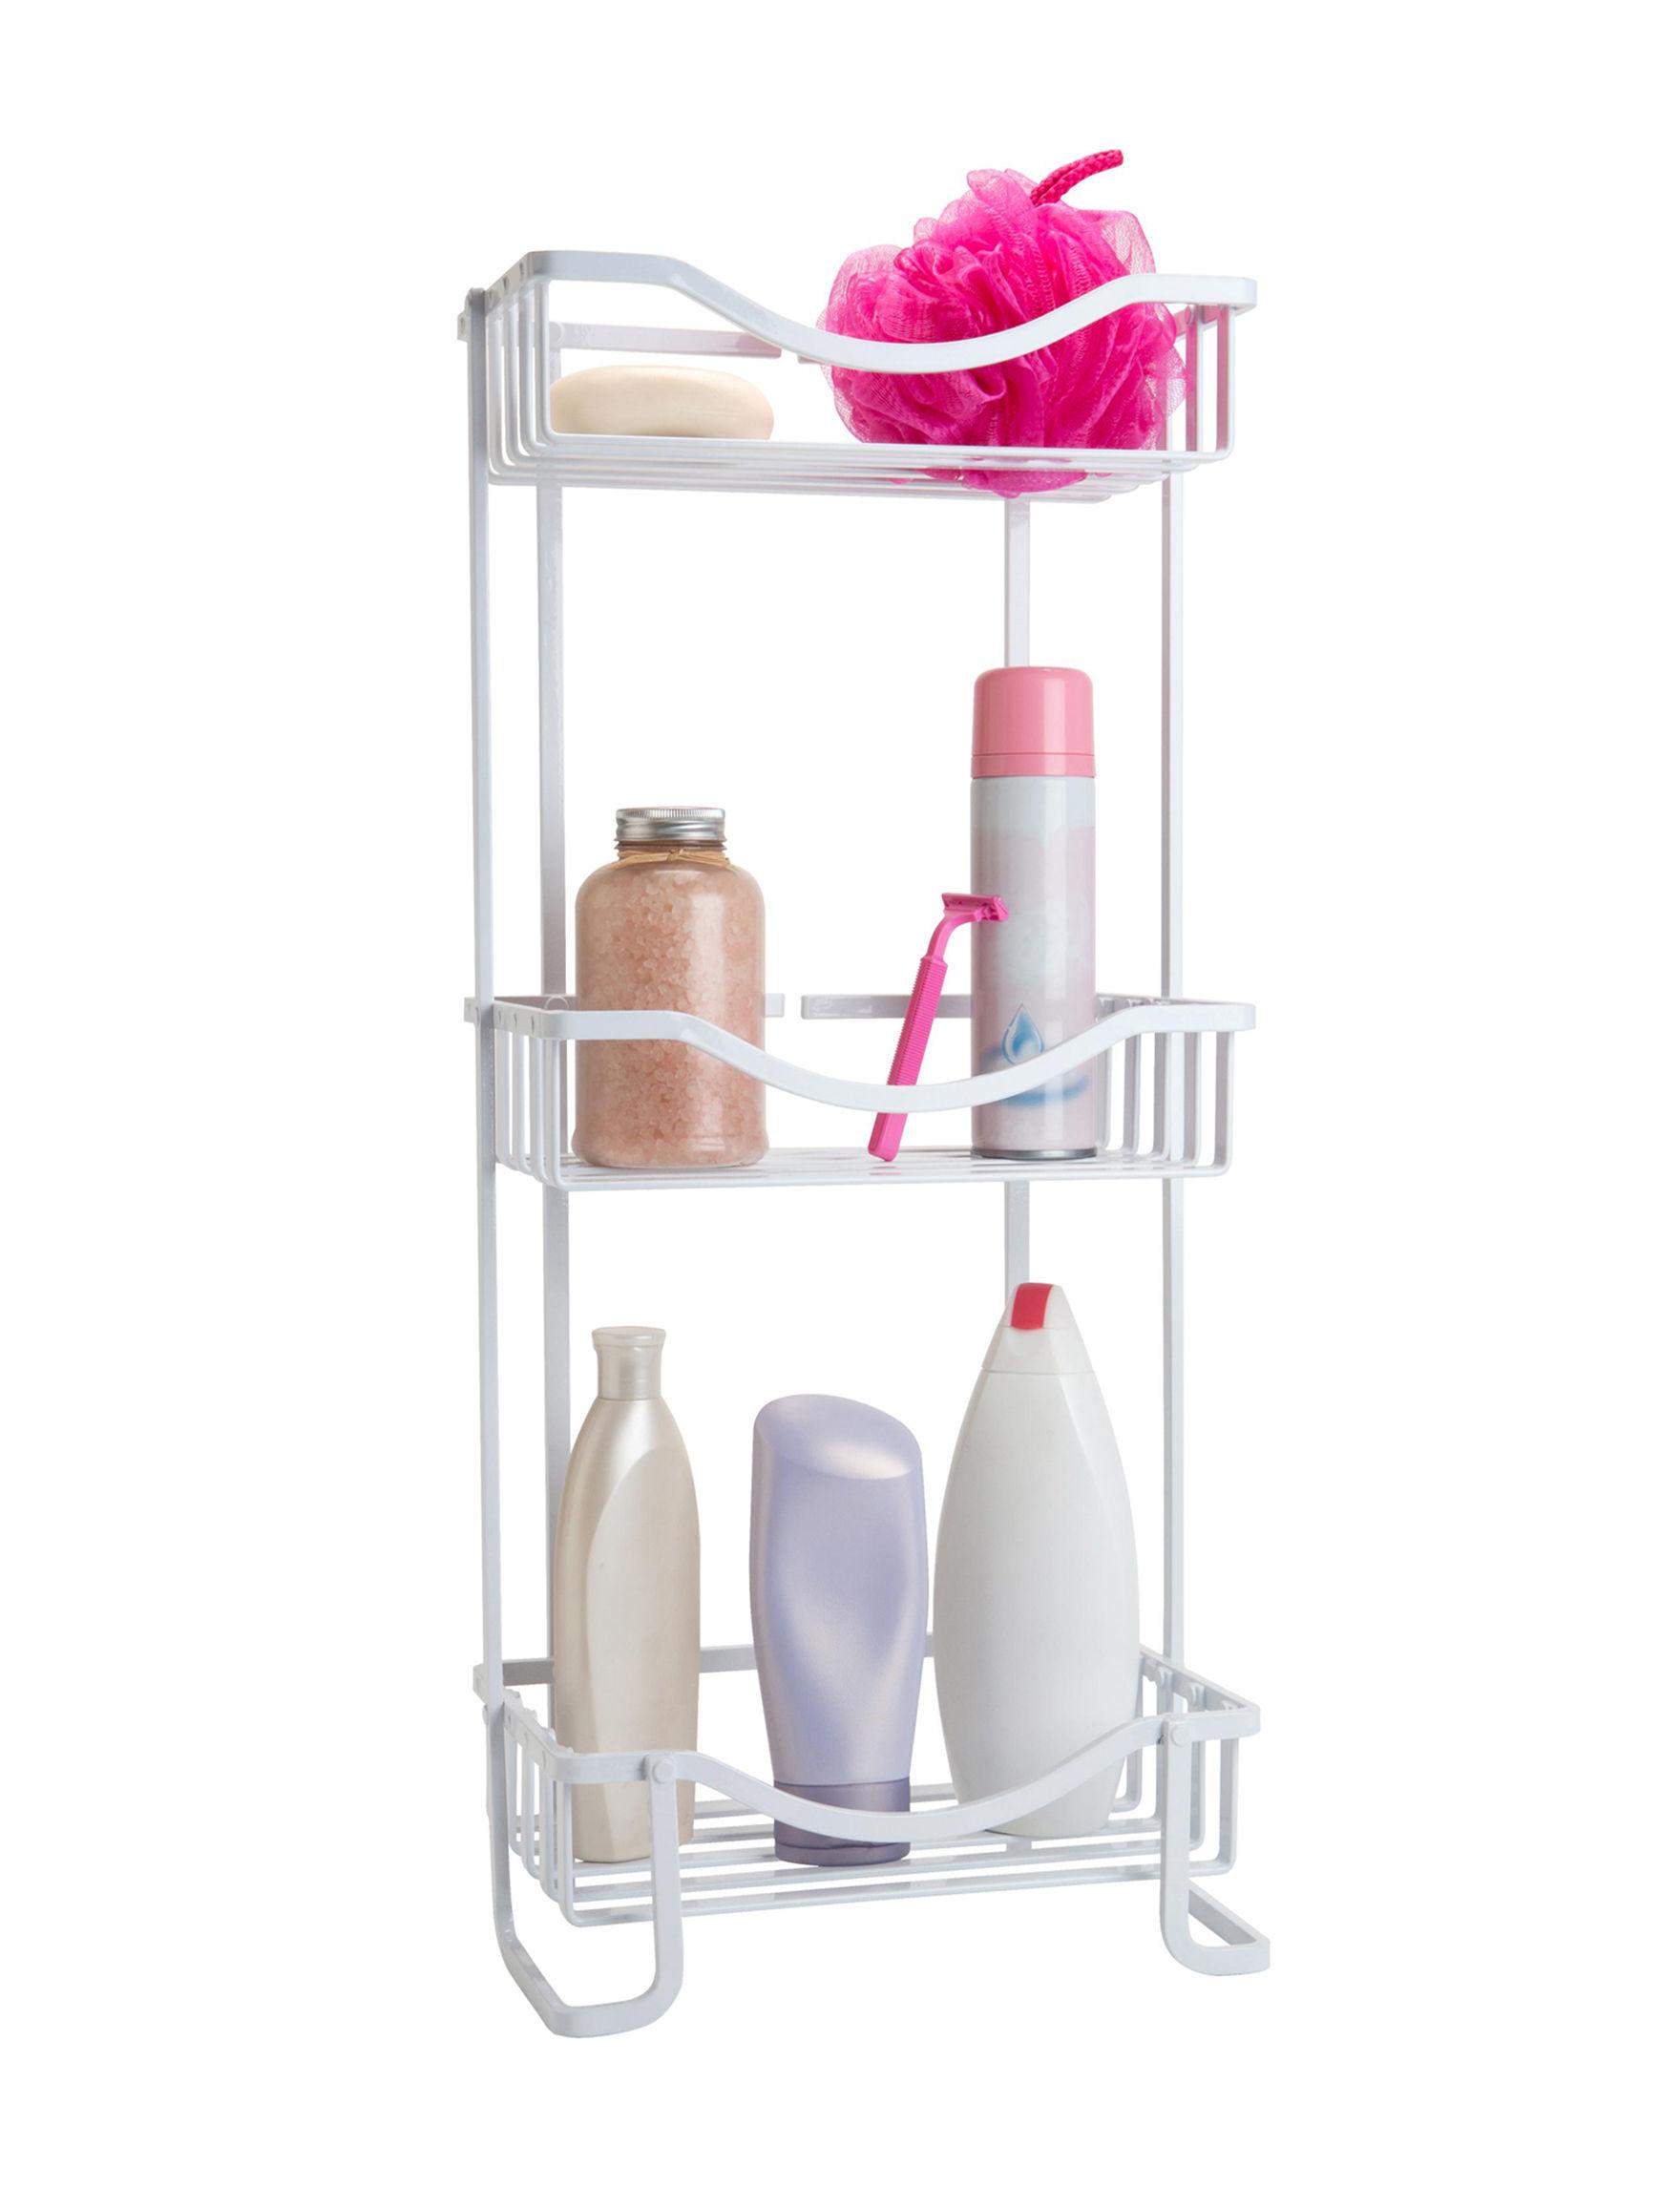 Bath Bliss White Storage Shelves Bath Accessories Storage & Organization